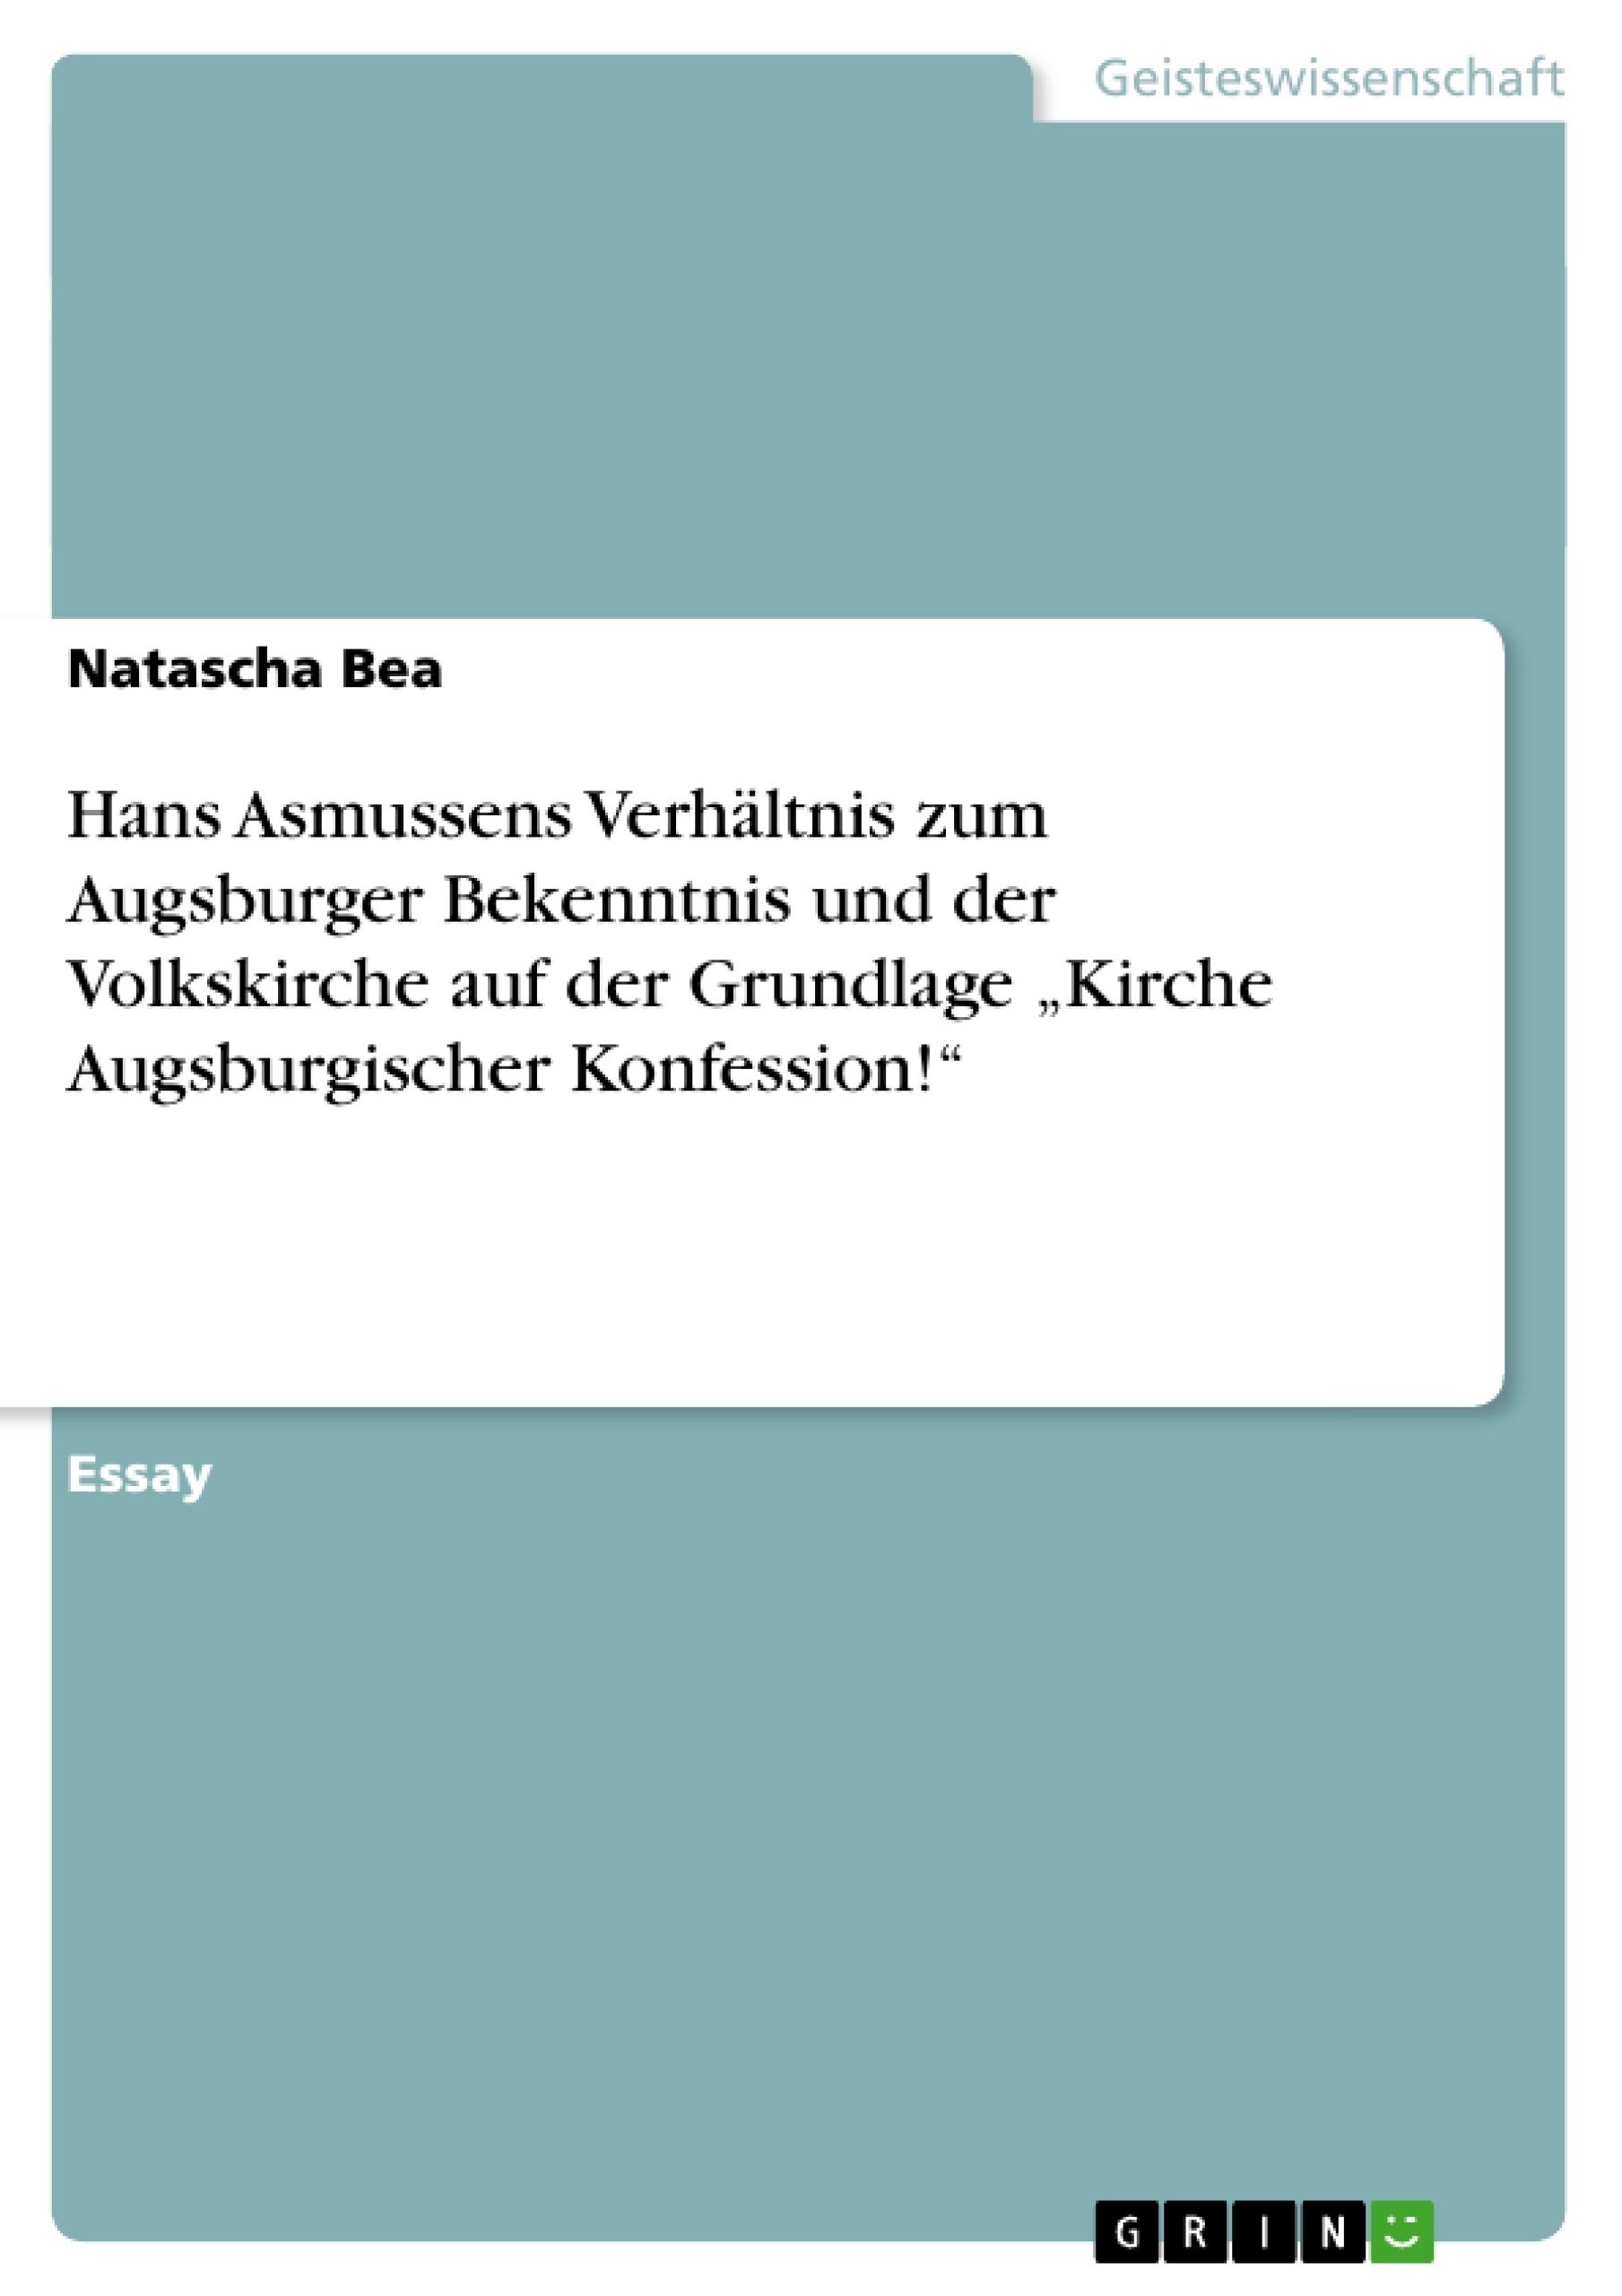 """Titel: Hans Asmussens Verhältnis zum Augsburger Bekenntnis und der Volkskirche auf der Grundlage """"Kirche Augsburgischer Konfession!"""""""